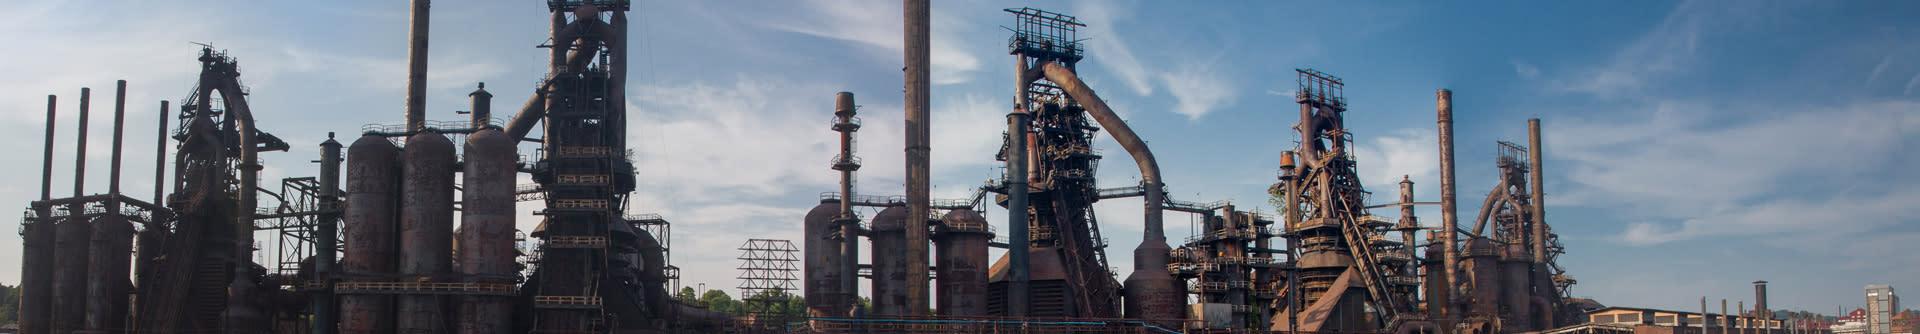 Bethlehem SteelStacks Interior Header